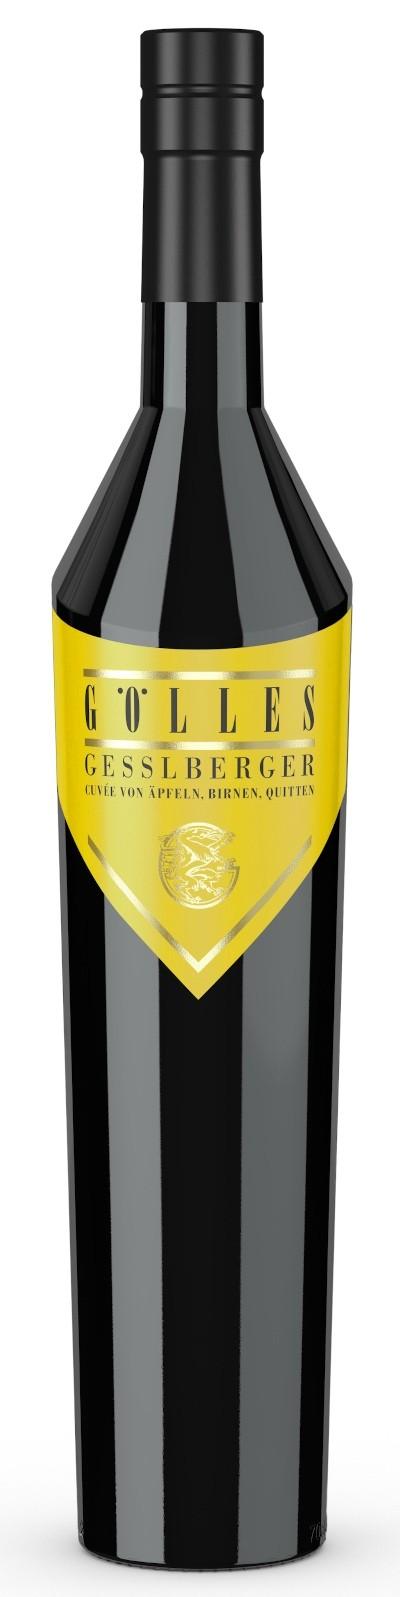 Gölles - Gesslberger (ehe.Obstler)